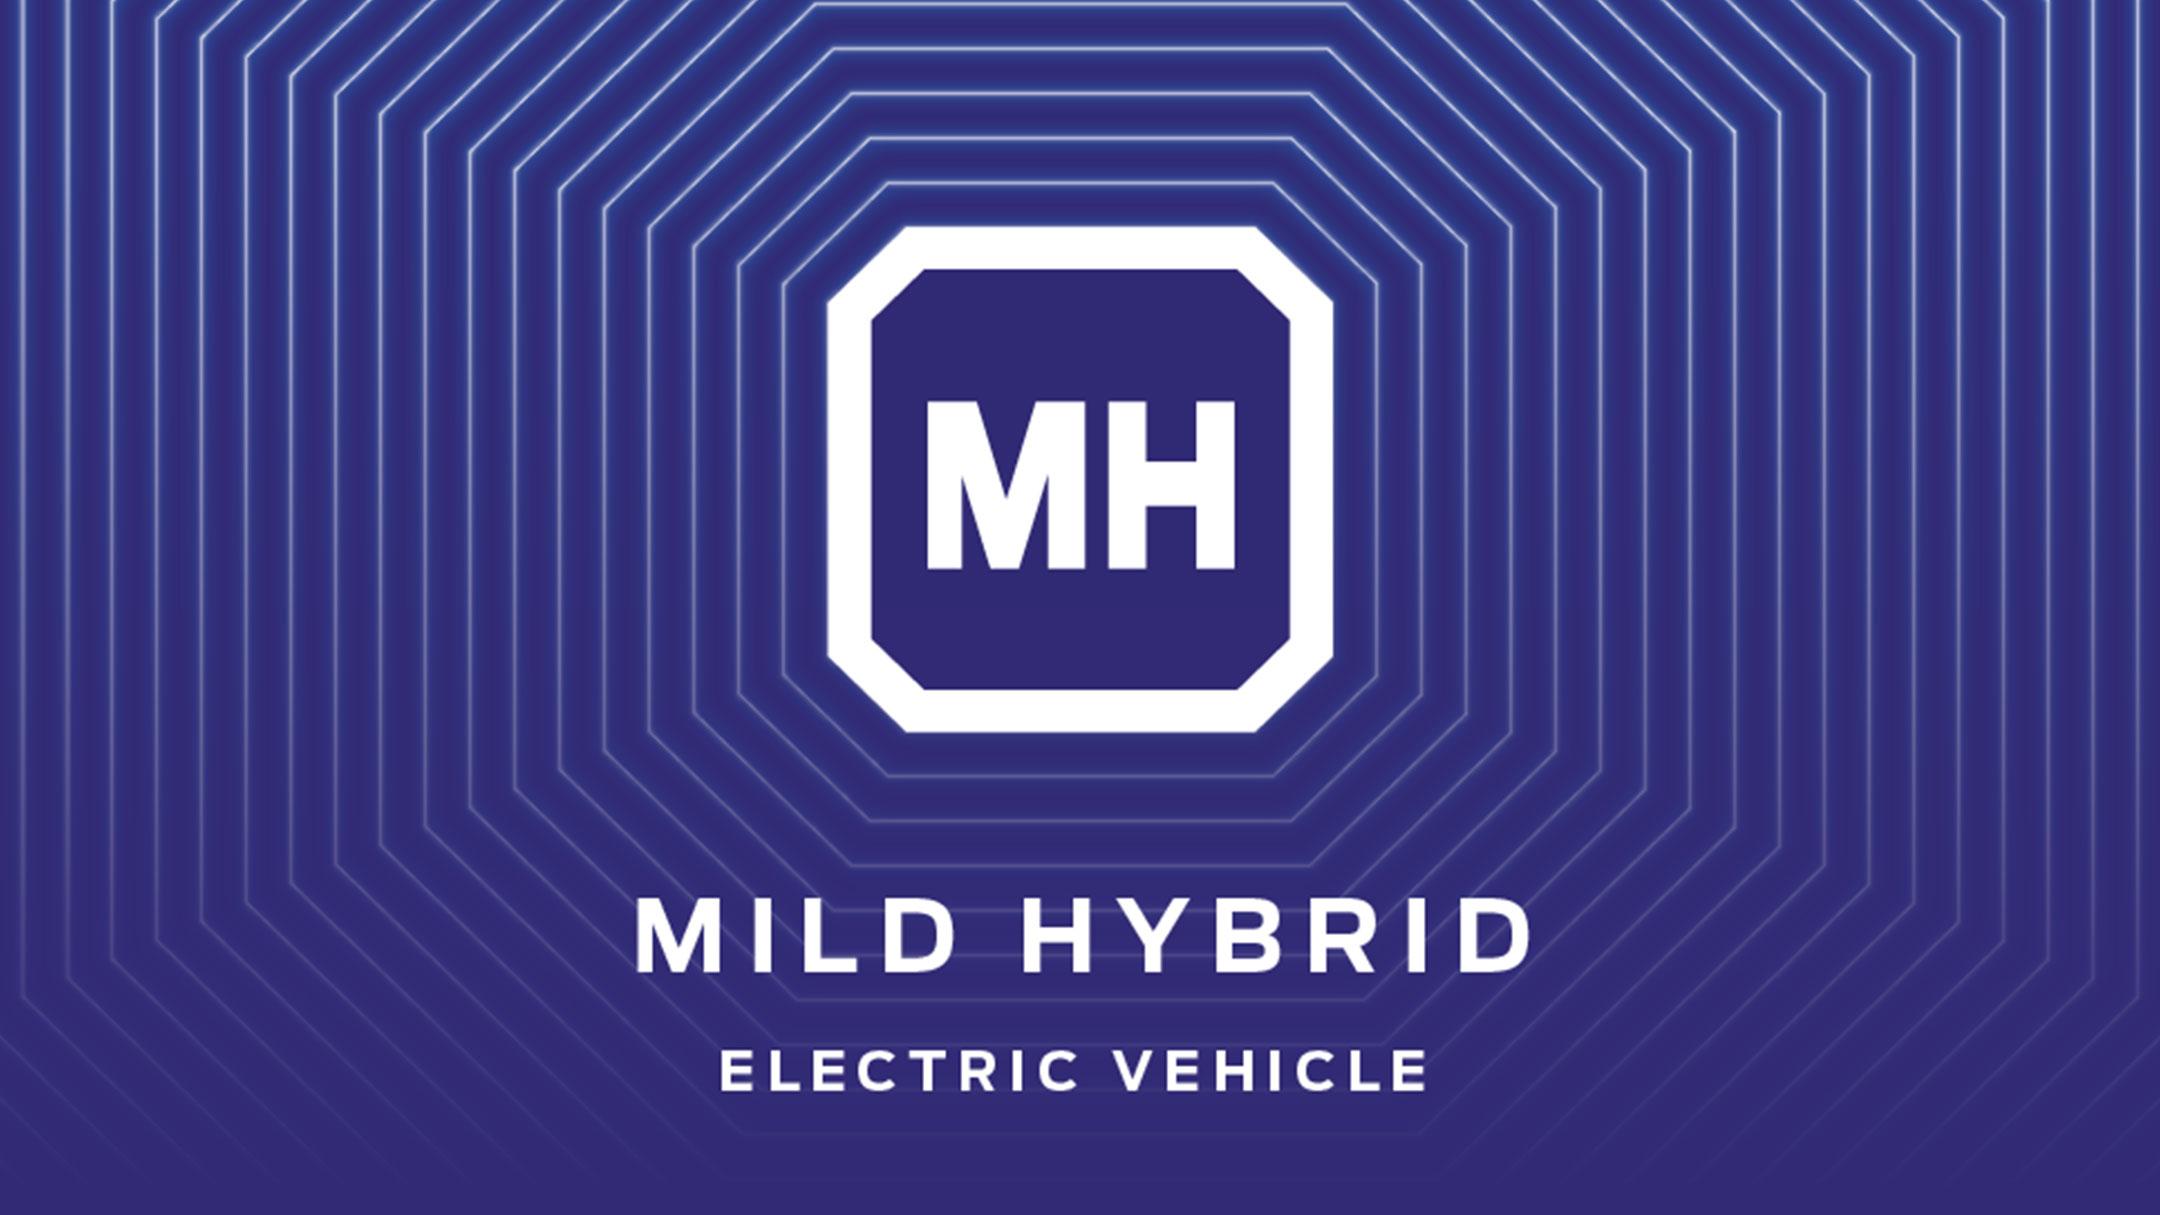 Ford Mild Hybrid